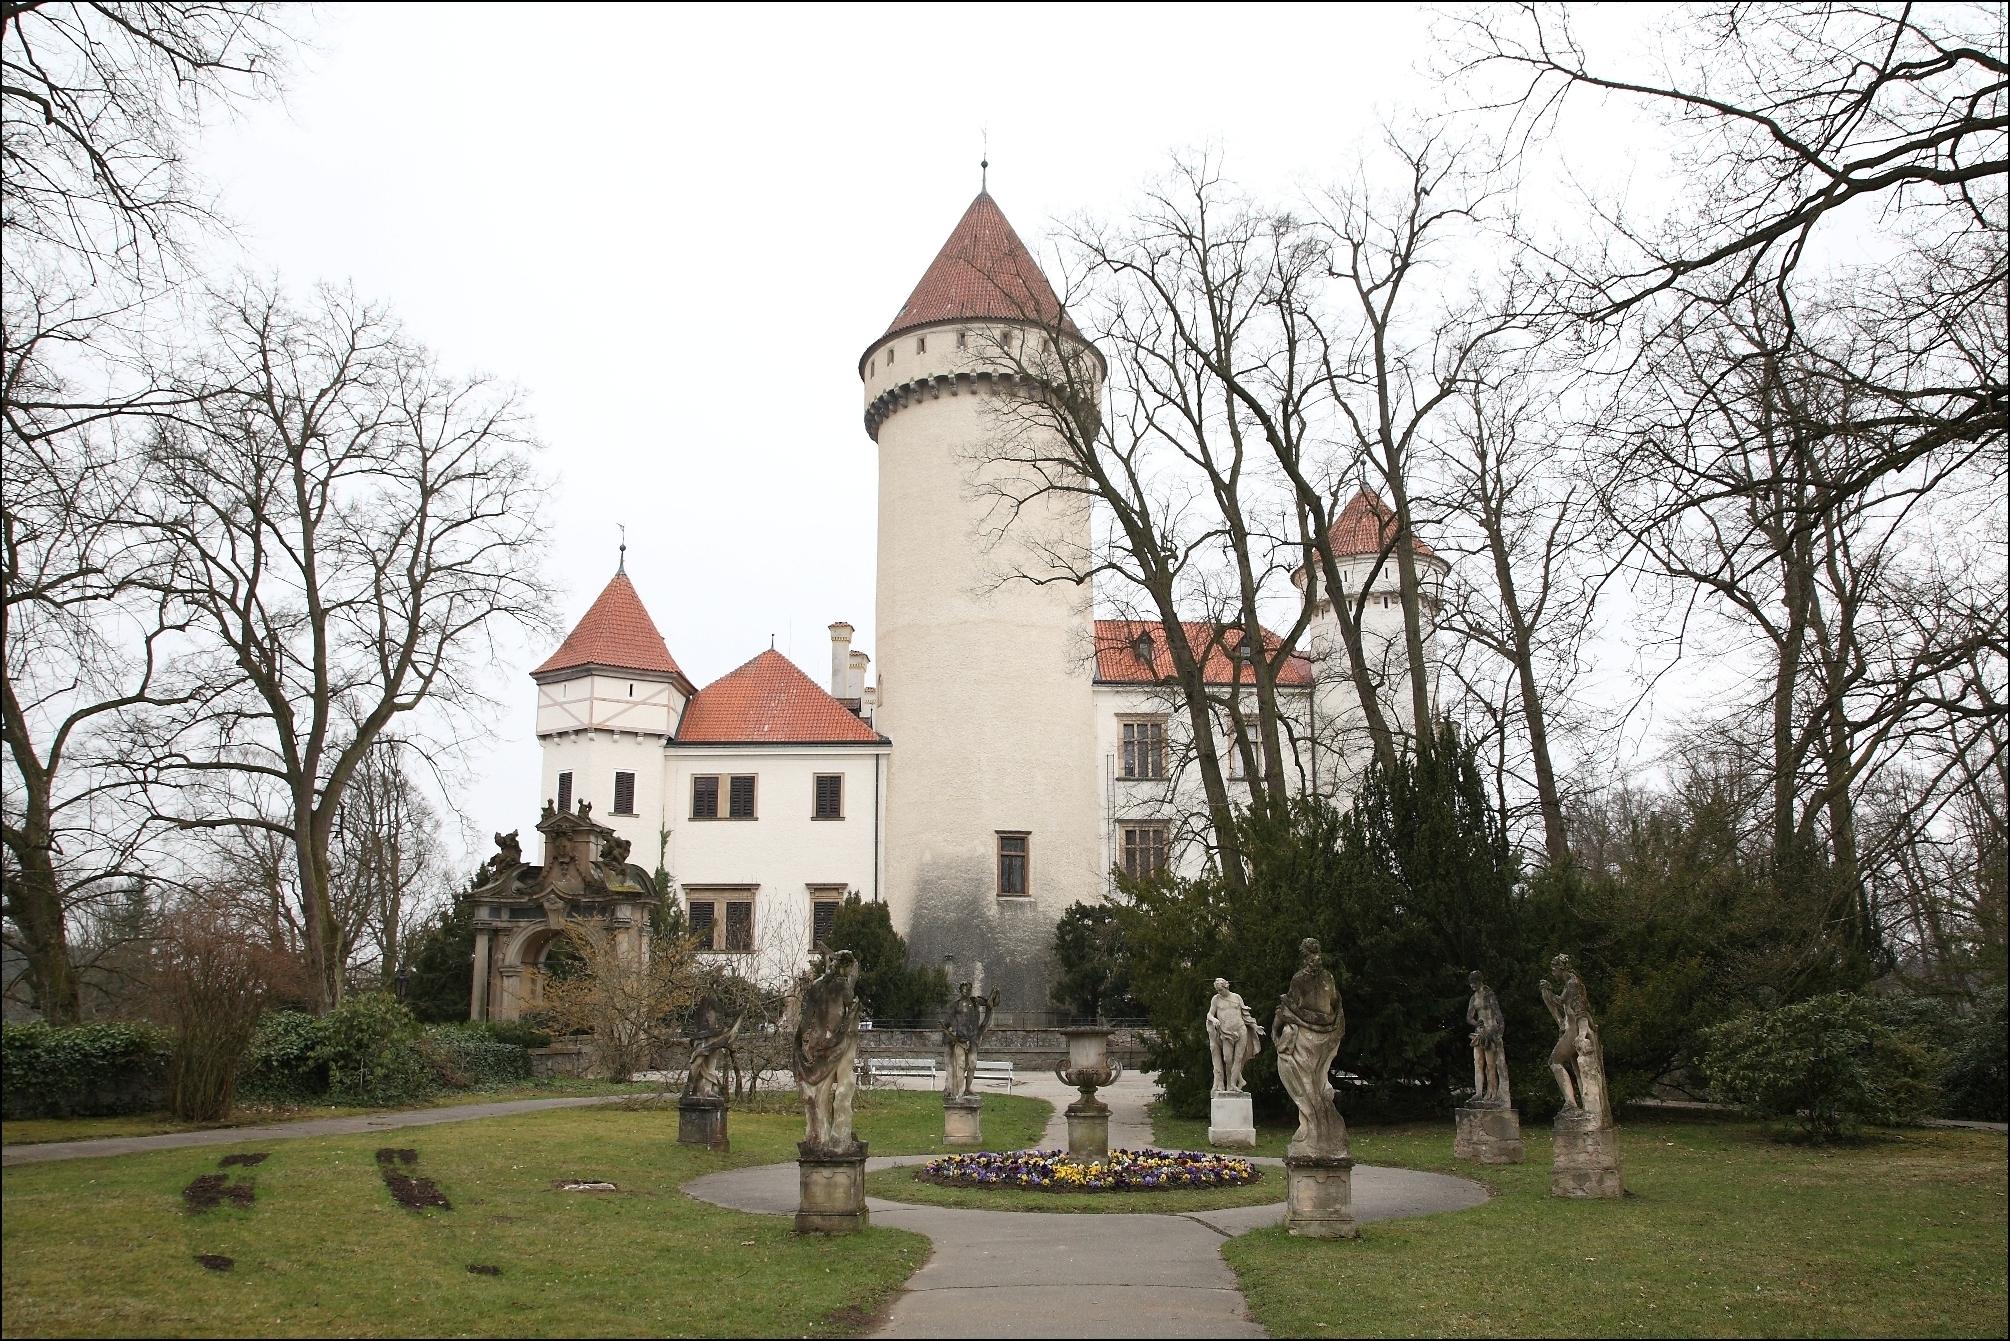 Чешская республика – страна замков и крепостей. Часть четвёртая